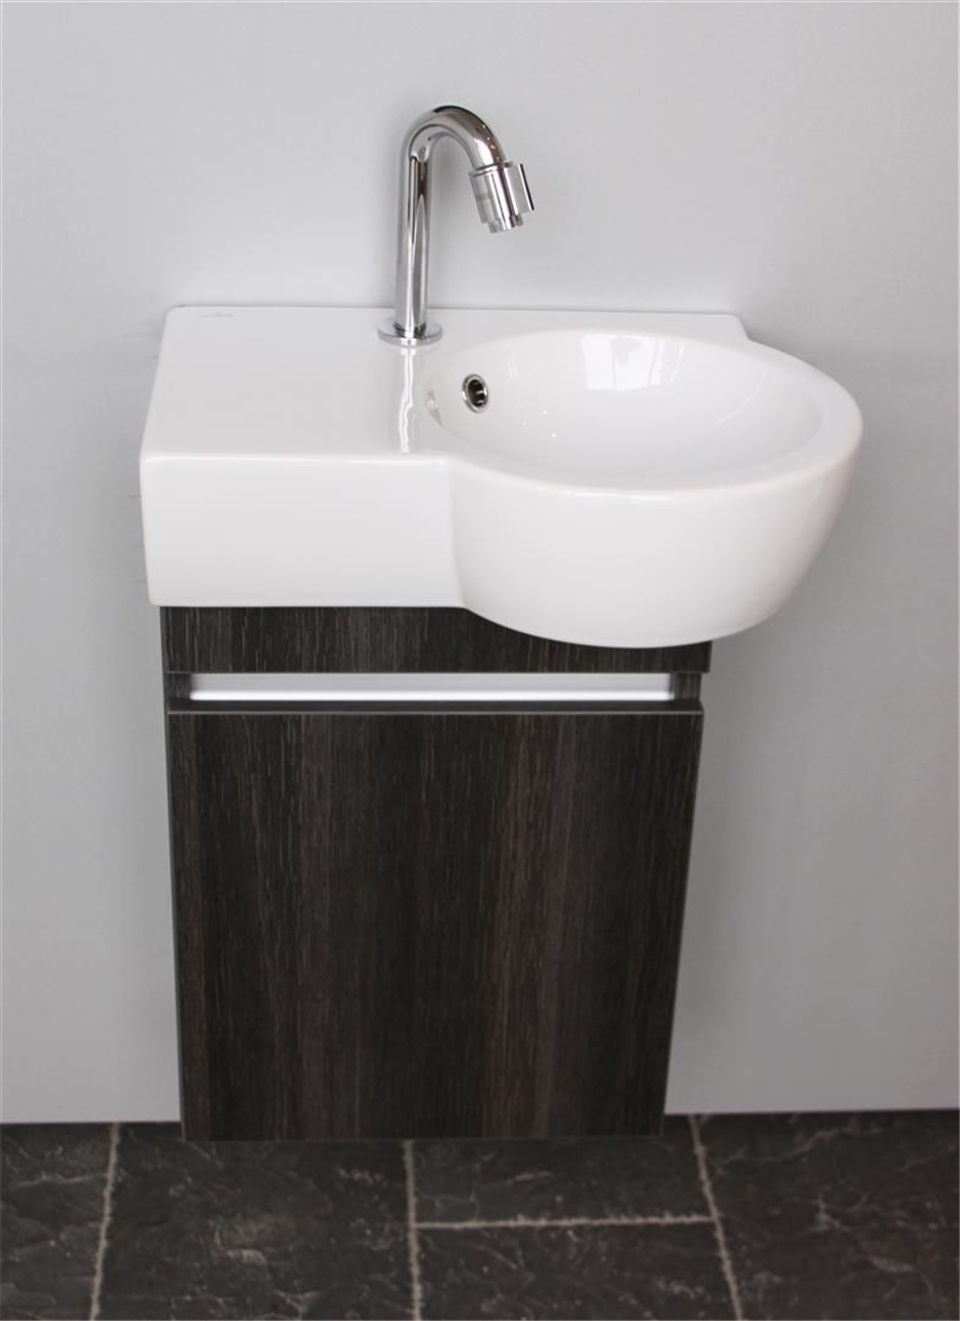 Thebalux Toiletmeubel Met Wastafel Aico Product In Beeld